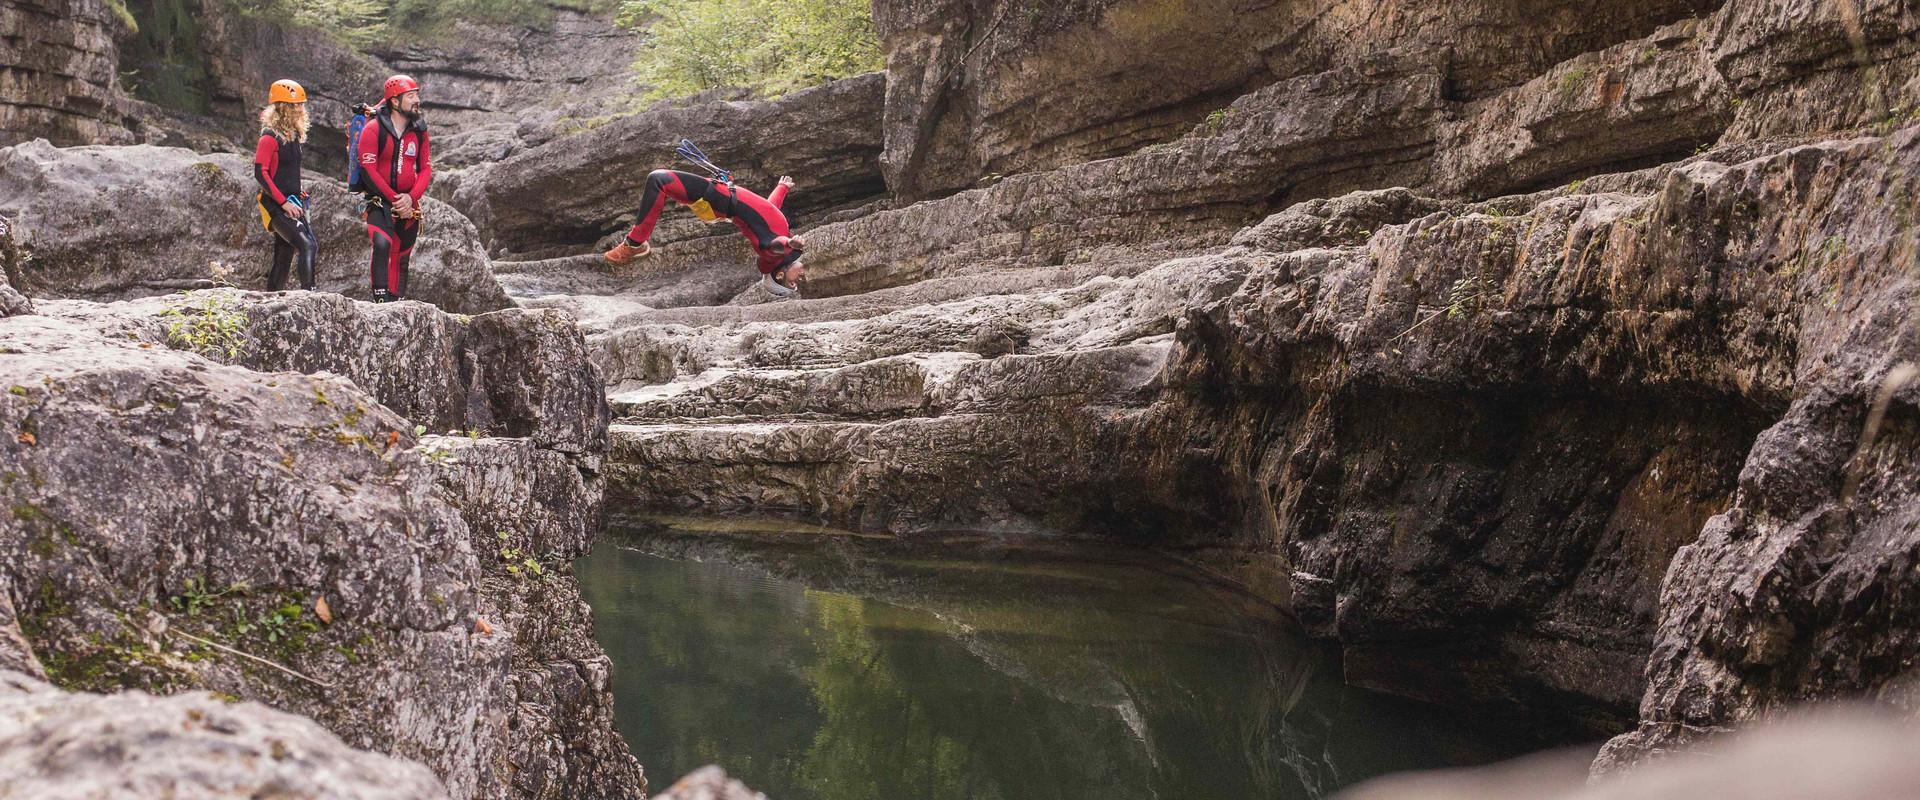 Ein Mann springt beim Canyoning in Salzburg von einer Klippe ins Wasser